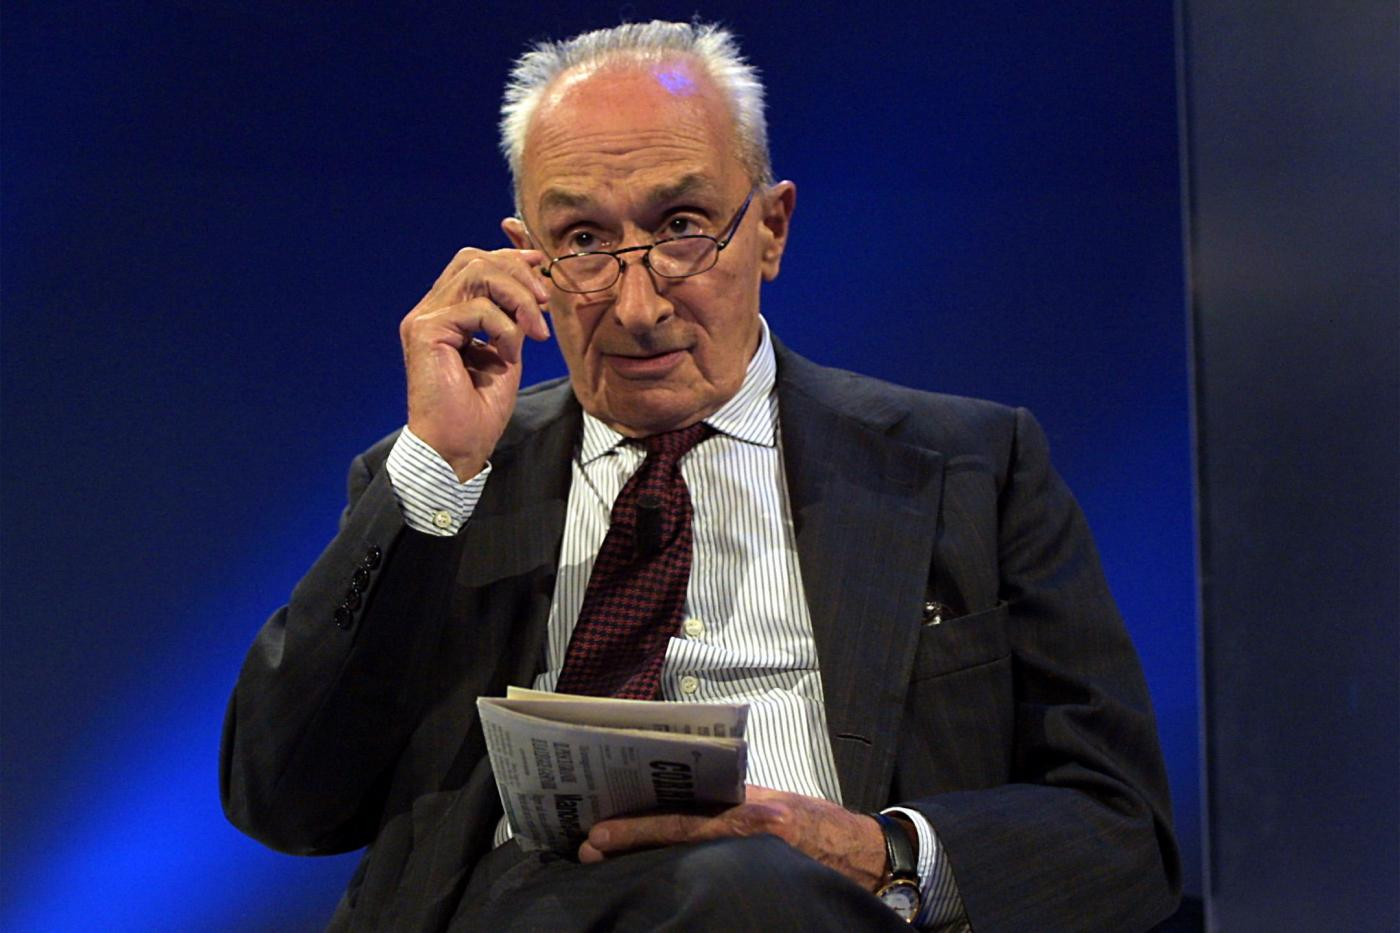 Muore il polititologo Giovanni Sartori, aveva 92 anni   Immagini di repertorio